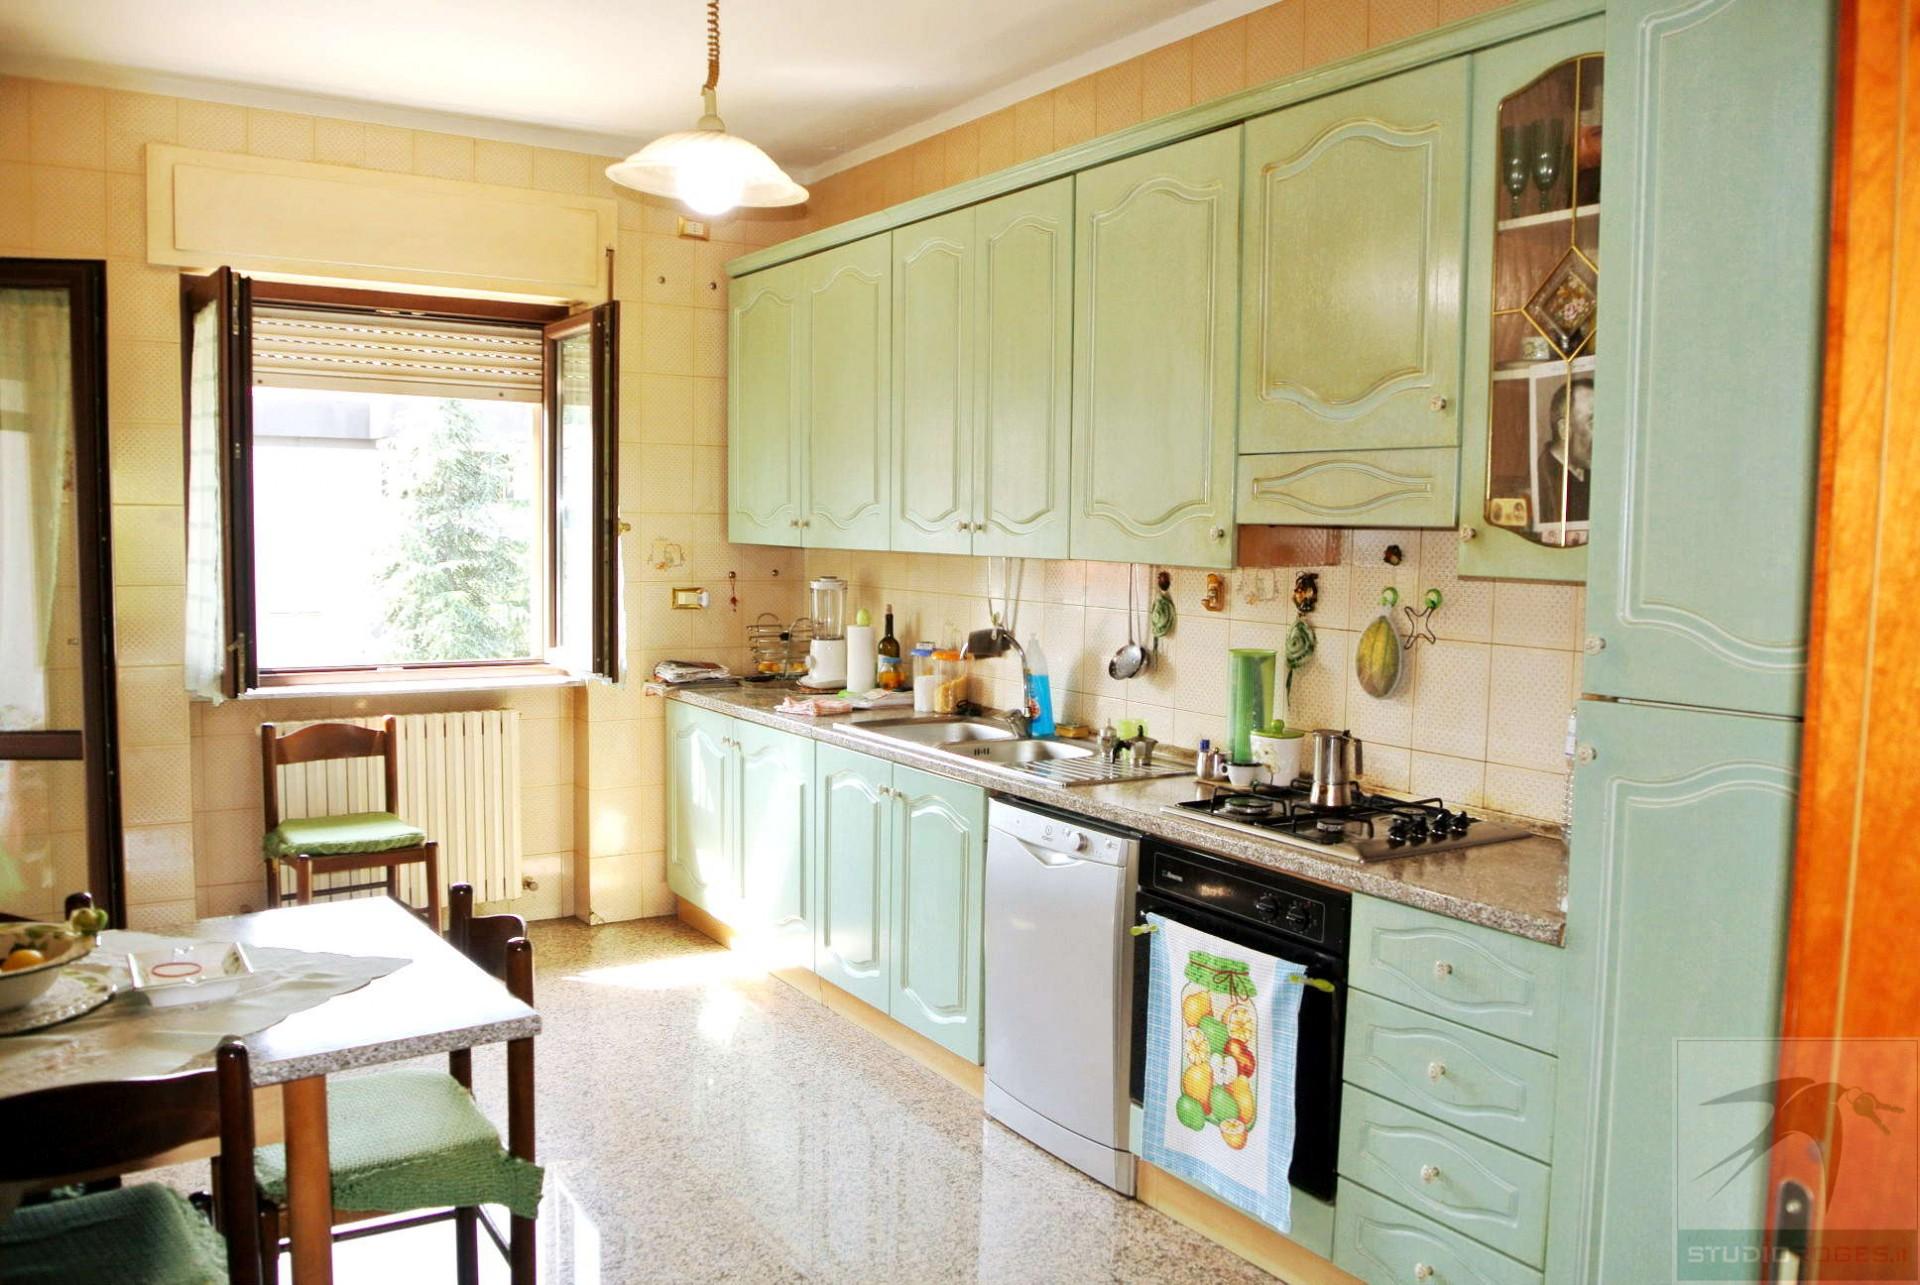 Appartamento in Vendita 112,93 mq - N. camere: 3 - - Rende - Saporito-Surdo-Malvitani (CS)